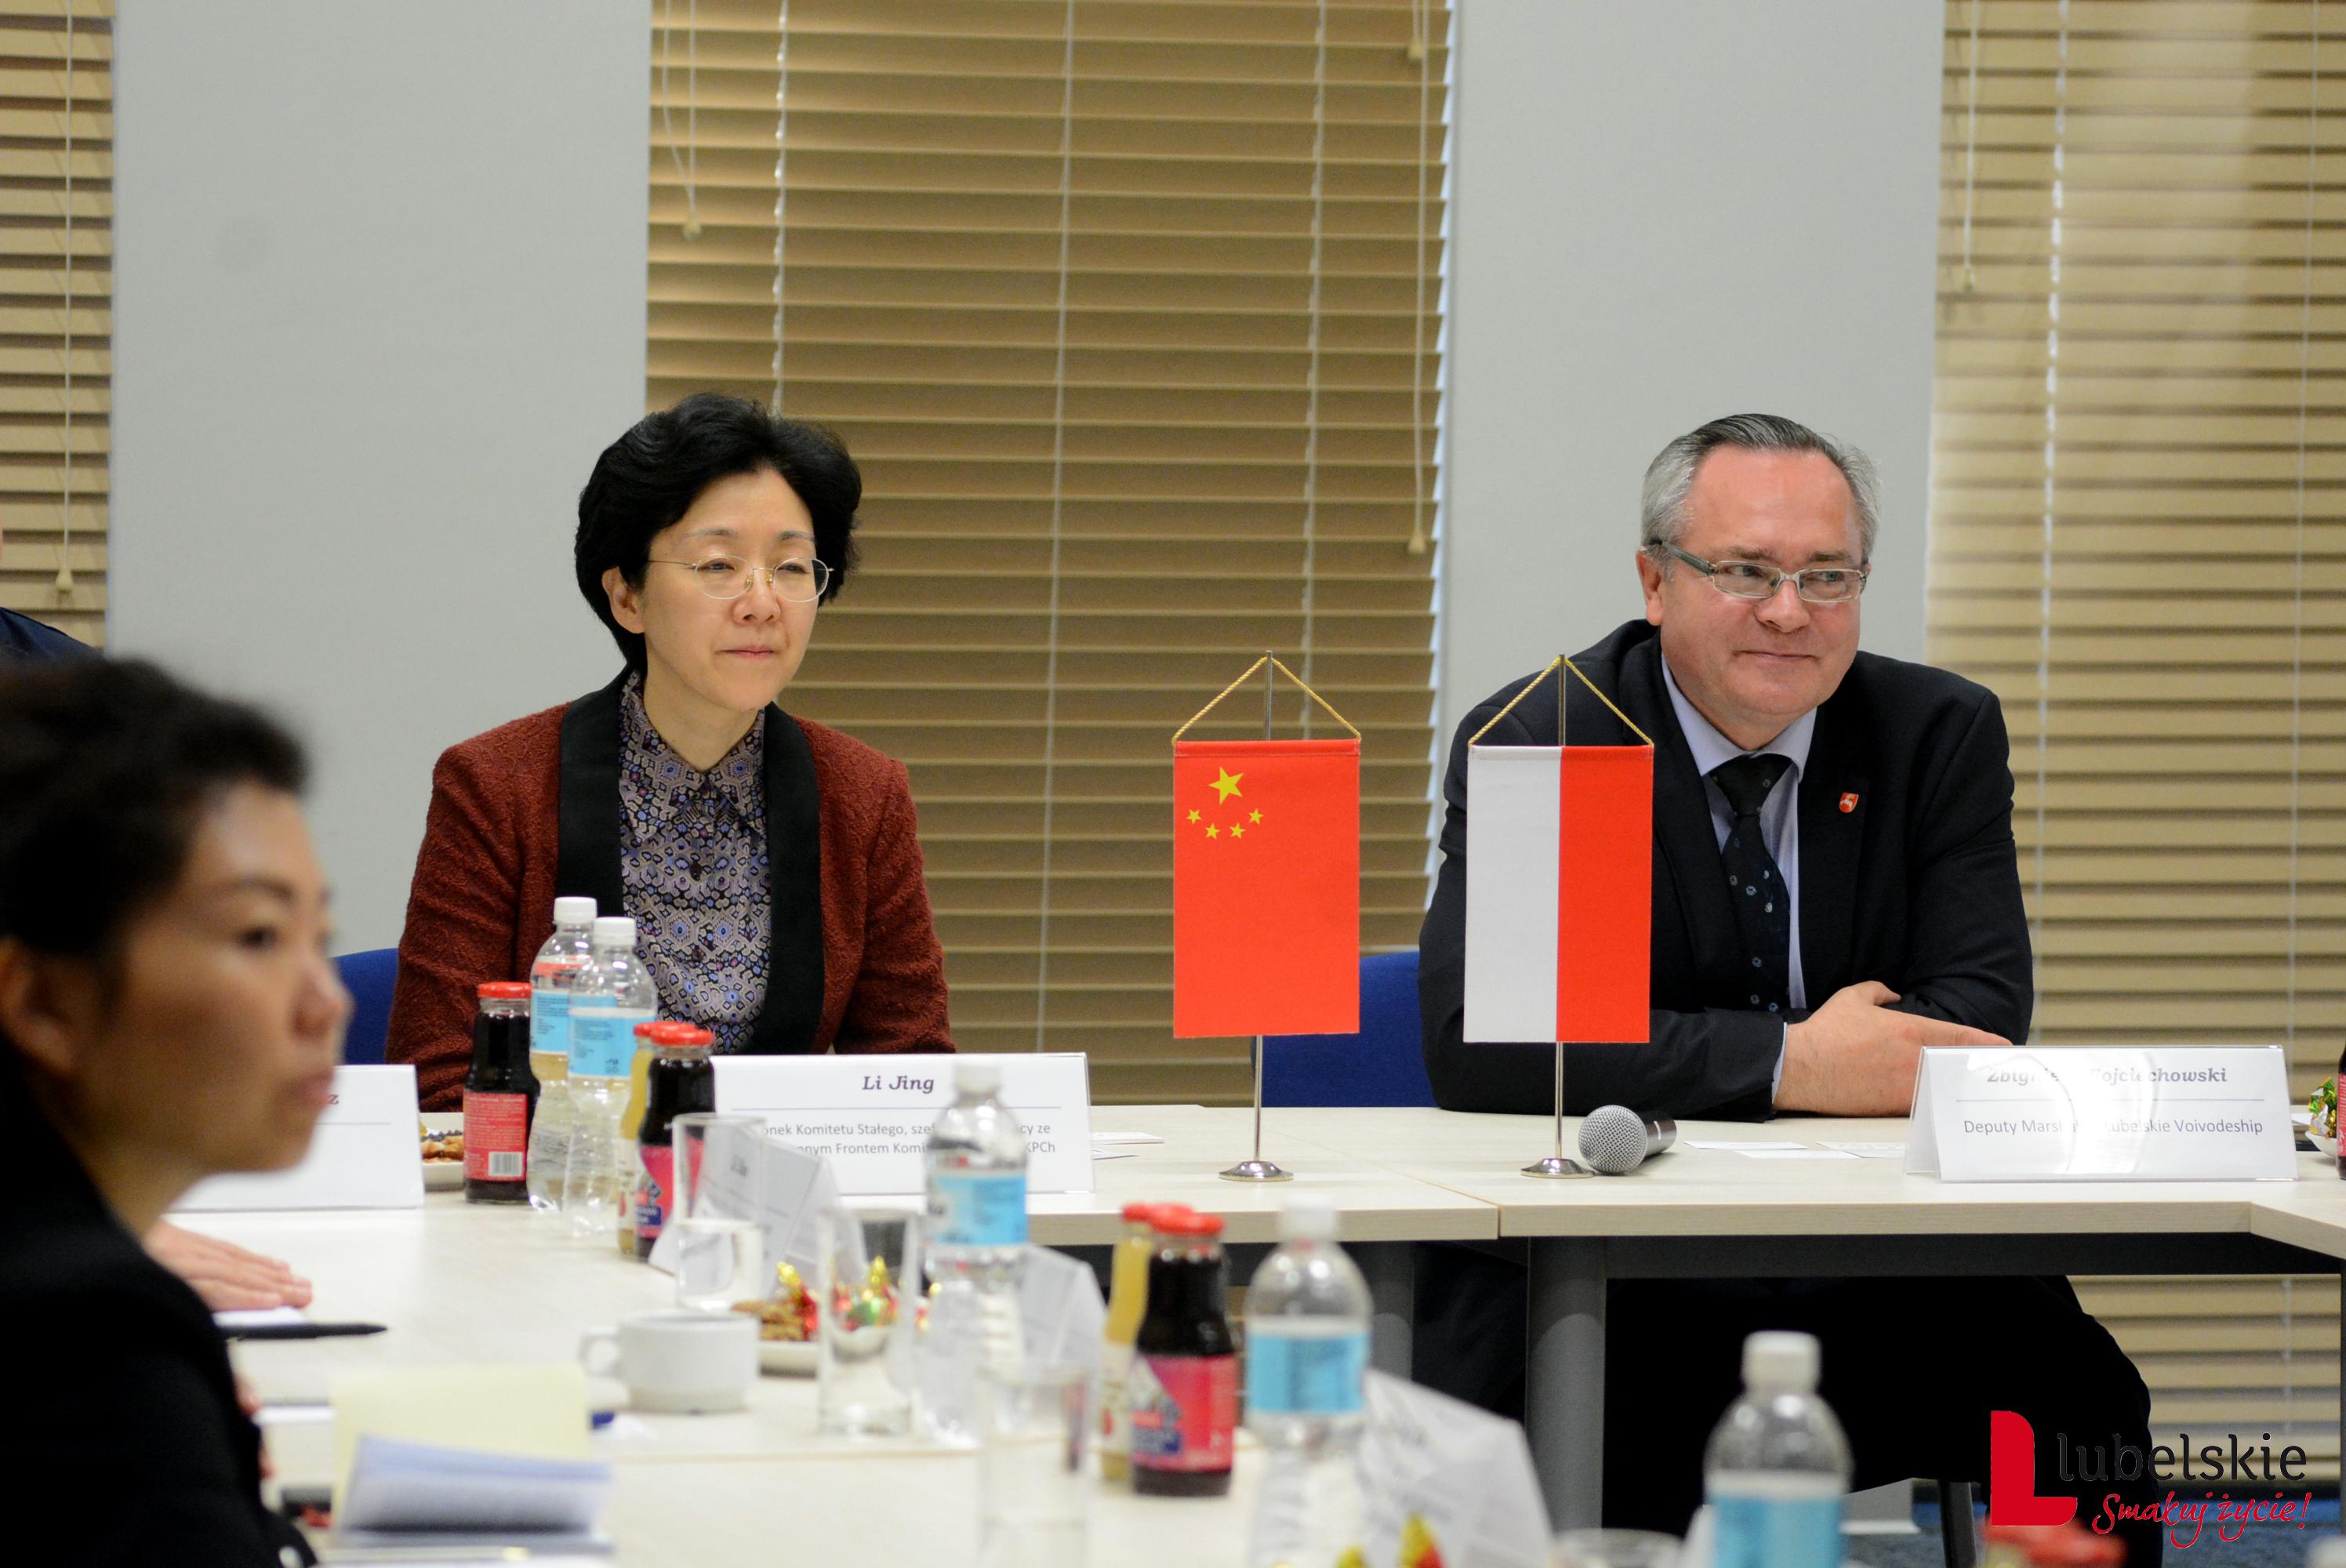 Delegacja znad Jangcy w województwie lubelskim